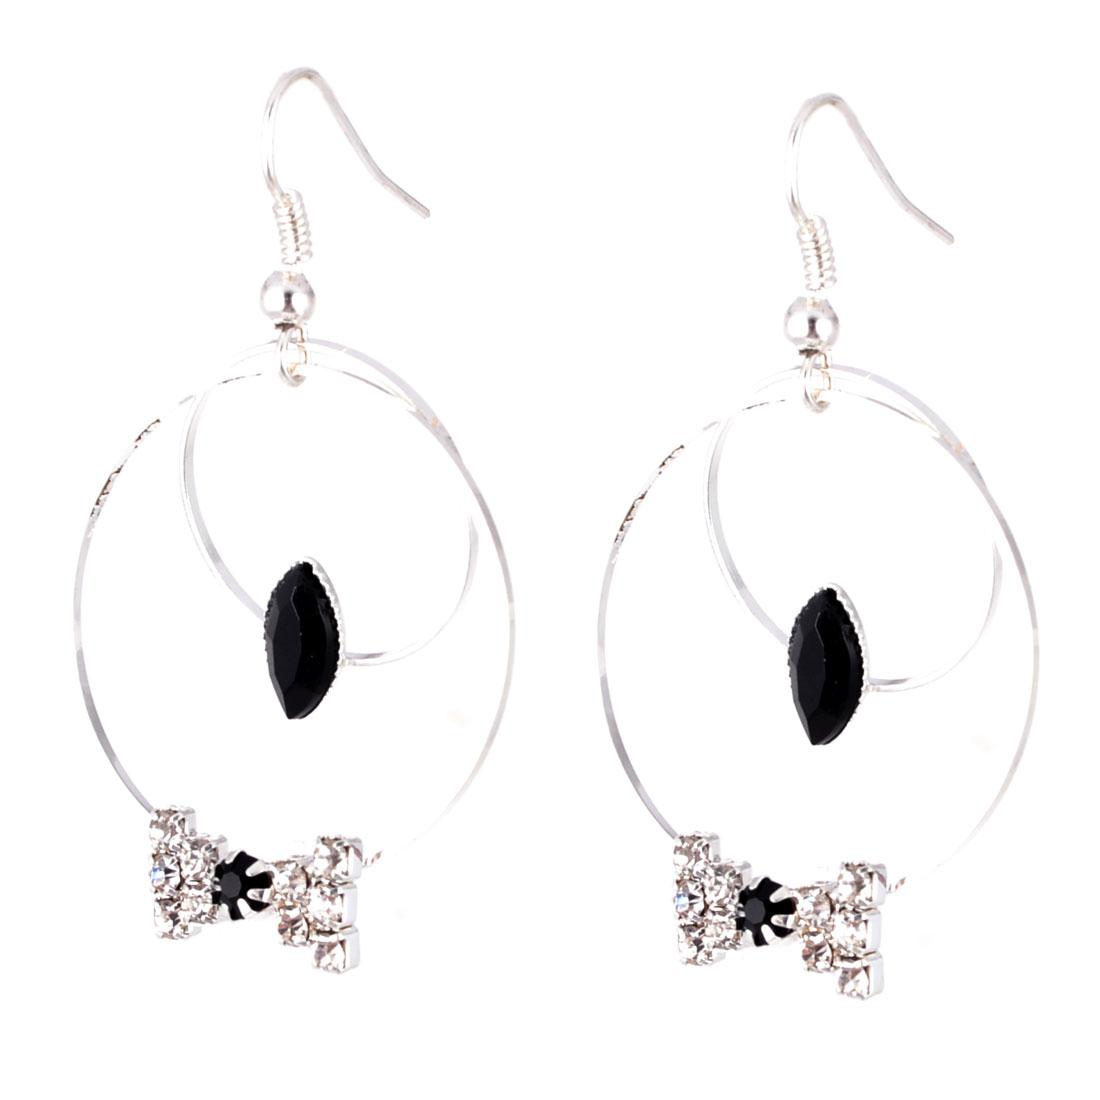 Pair Rhinestones Bowknot Design Fish Hook Circle Pendant Earrings Ornament for Women